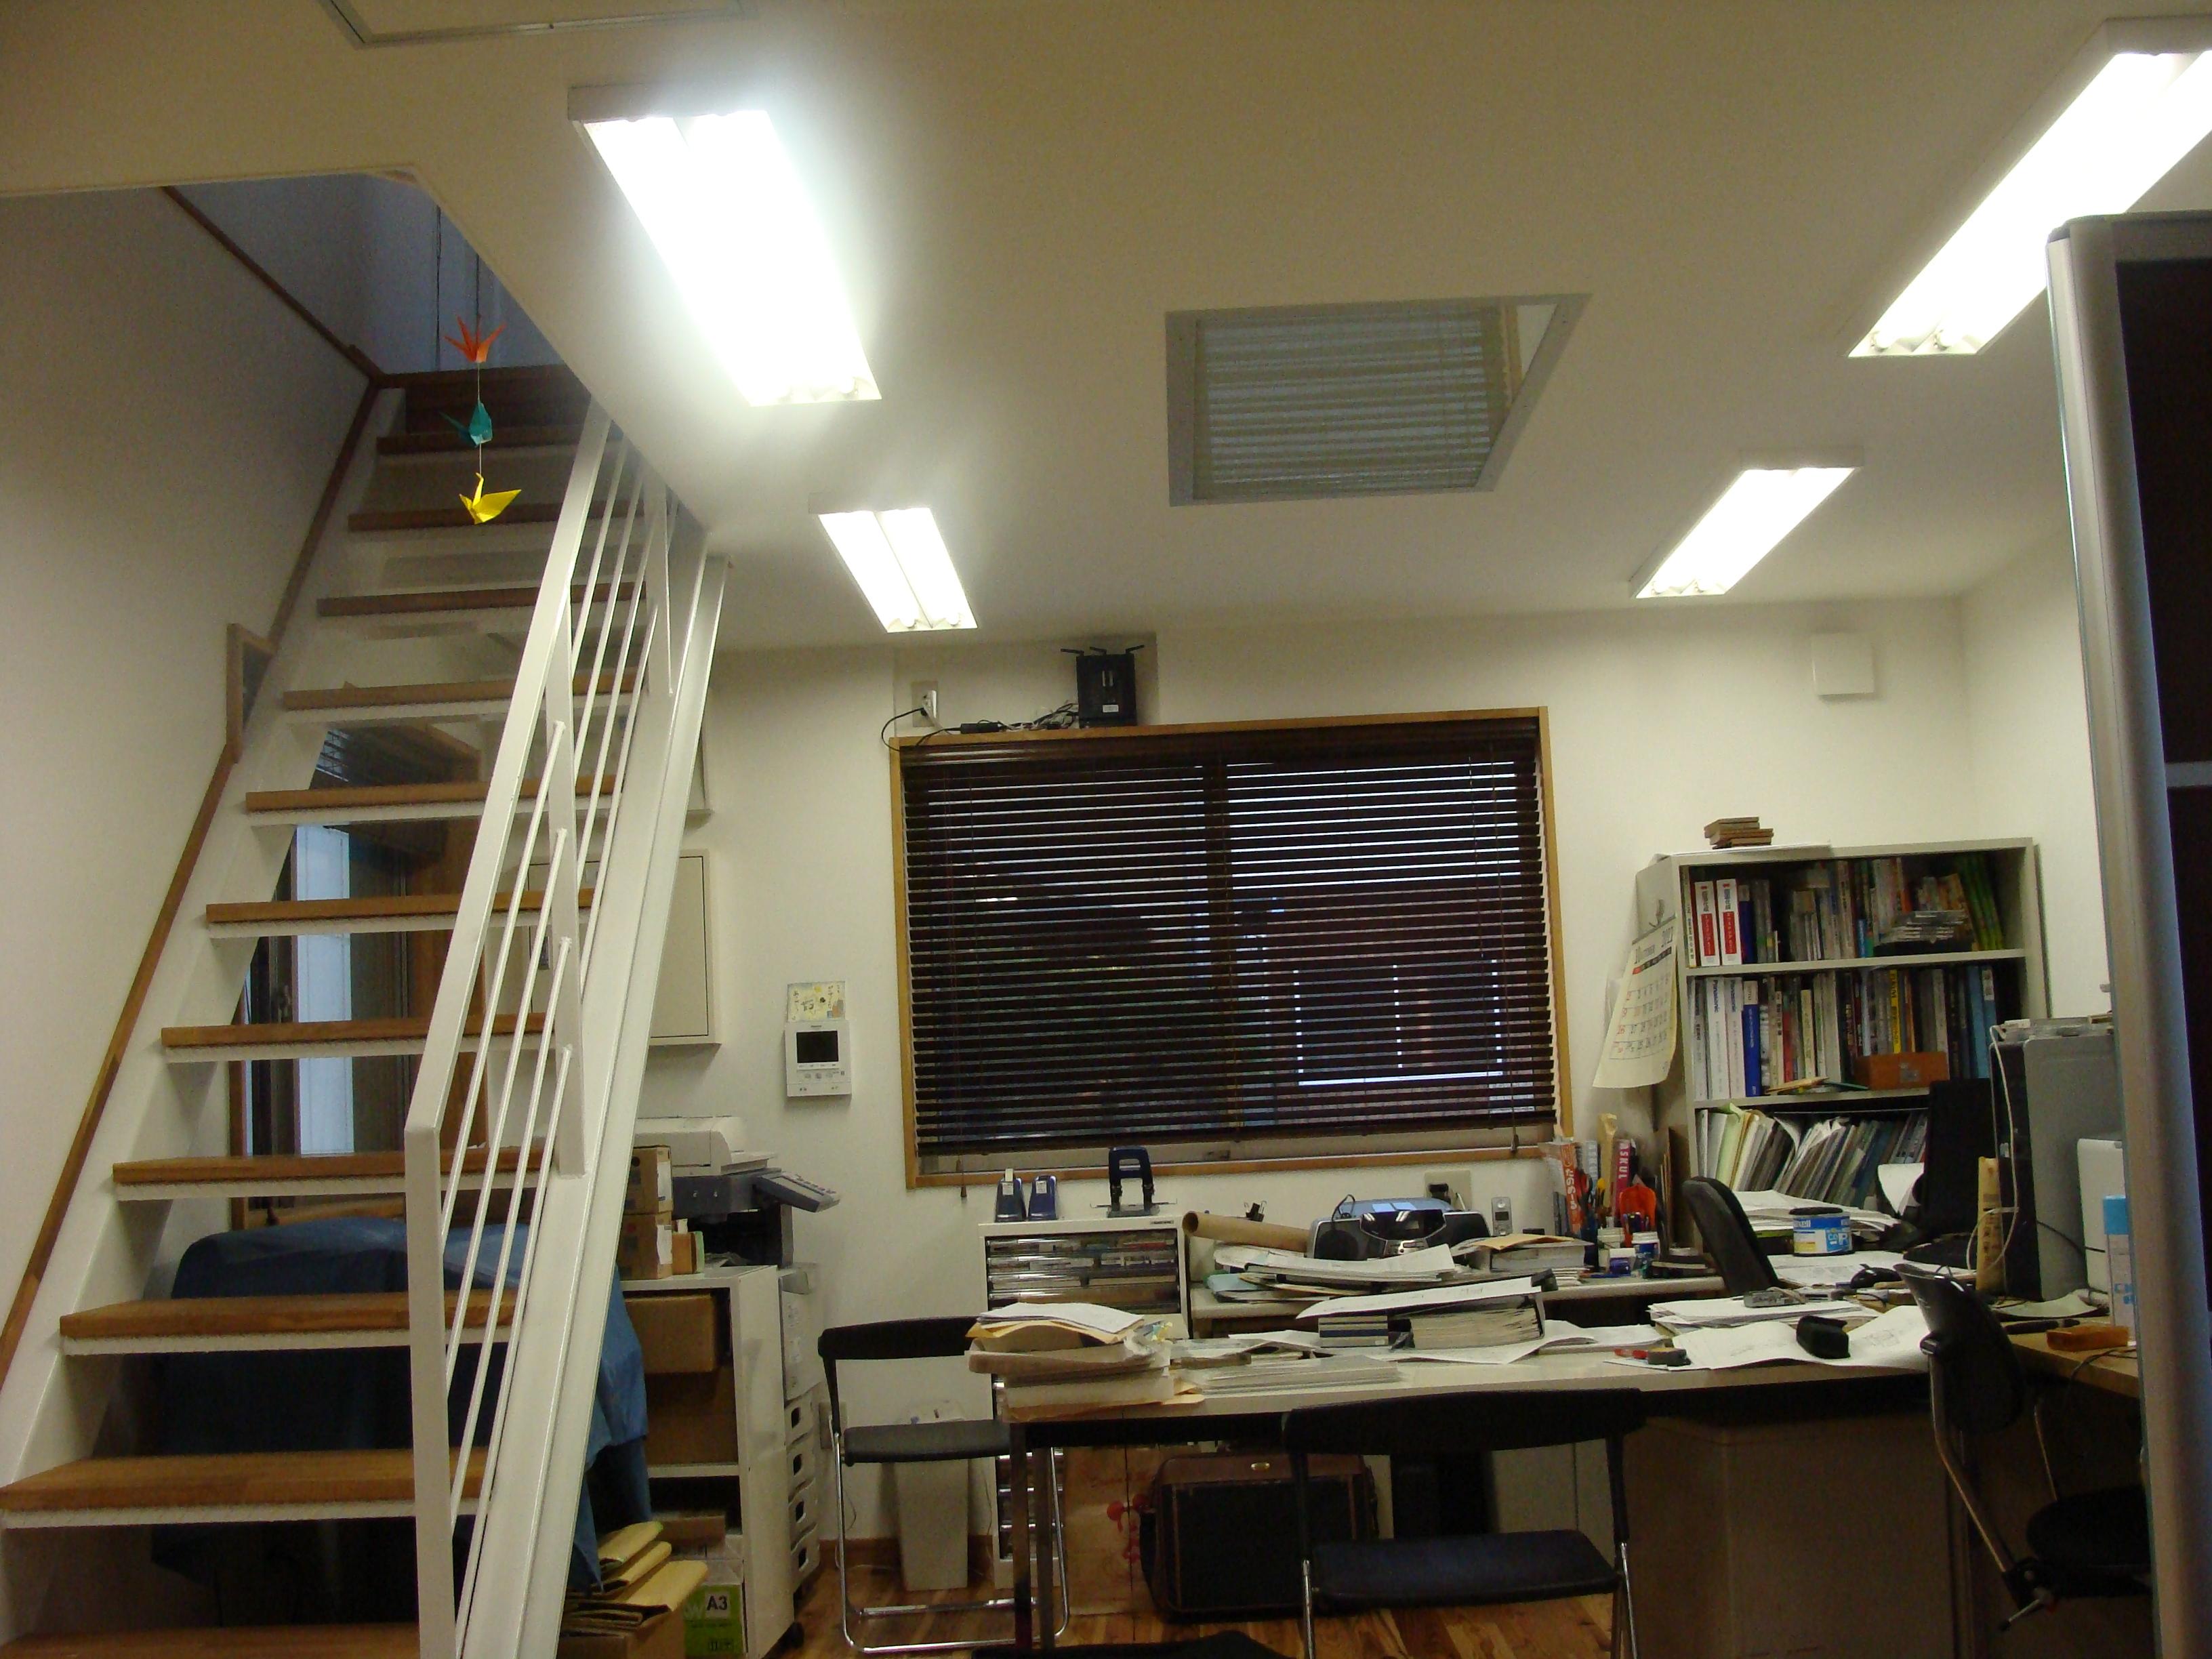 三重県 鈴鹿市 某事務所